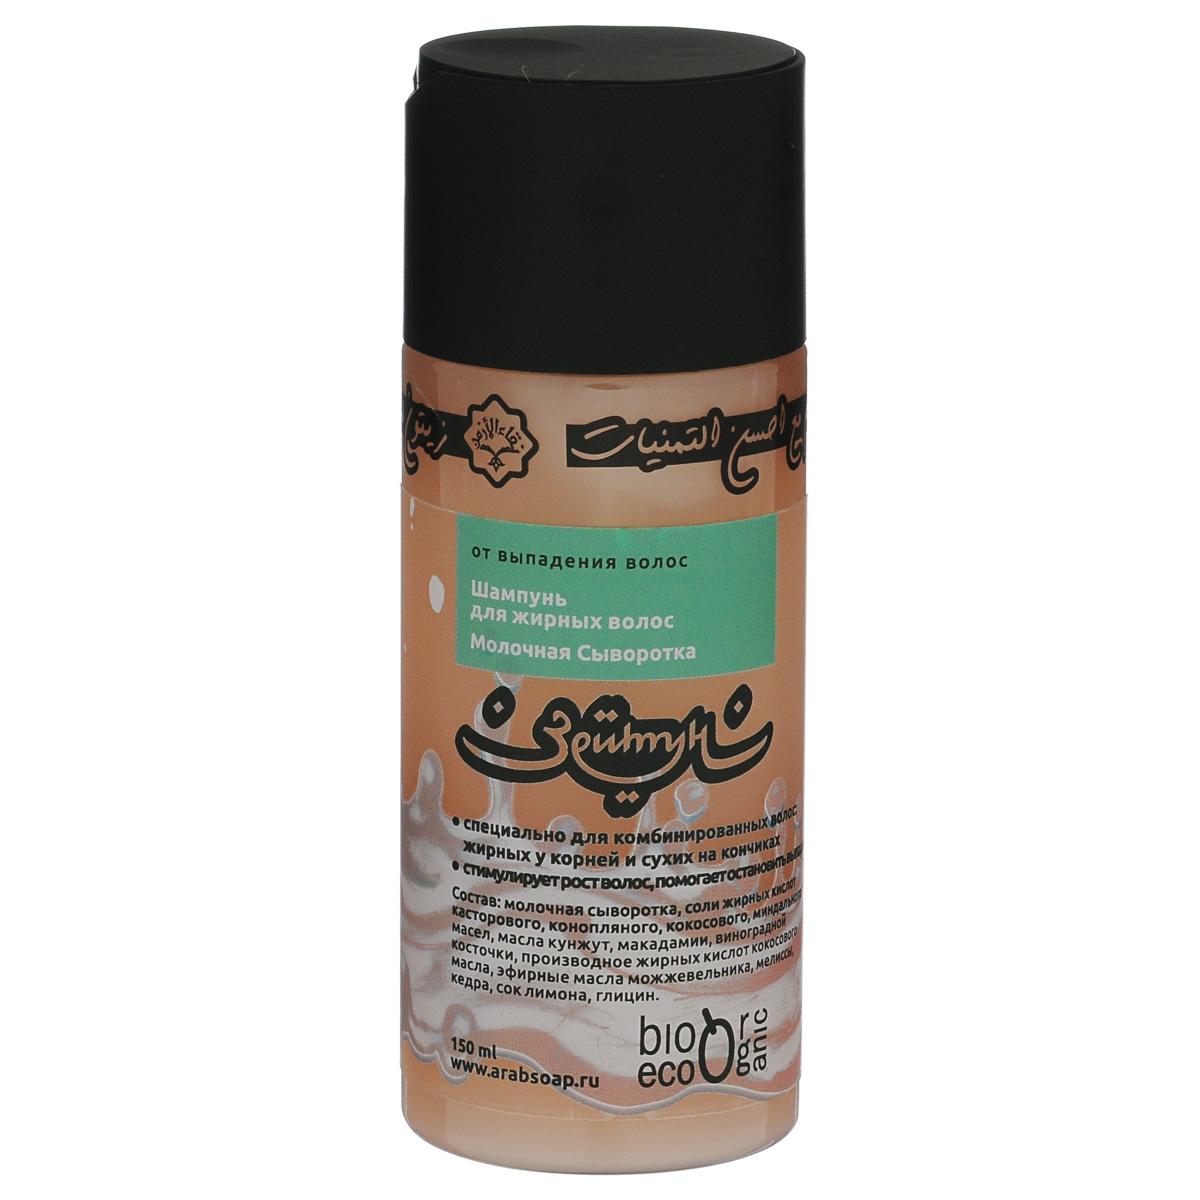 Зейтун Шампунь Молочная сыворотка для жирных волос, от выпадения, 150 мл сыворотки richenna сыворотка для волос ухаживающая 150 мл